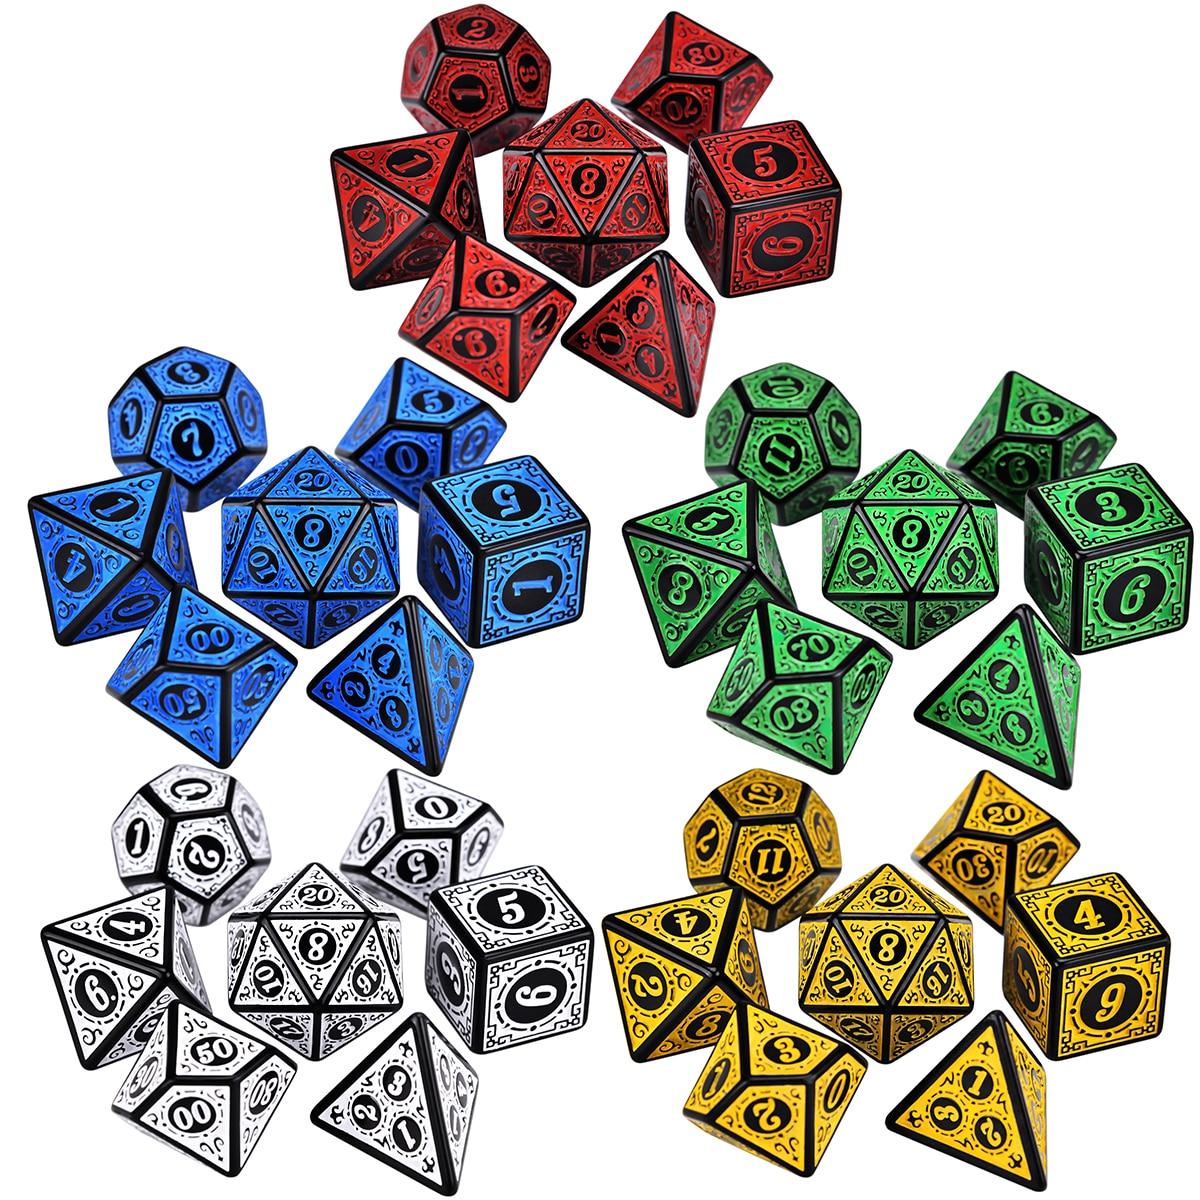 Polyhedral 7-Die Carved Pattern Dice Set of D4 D6 D8 D10 D% D12 D20 for RPG DND